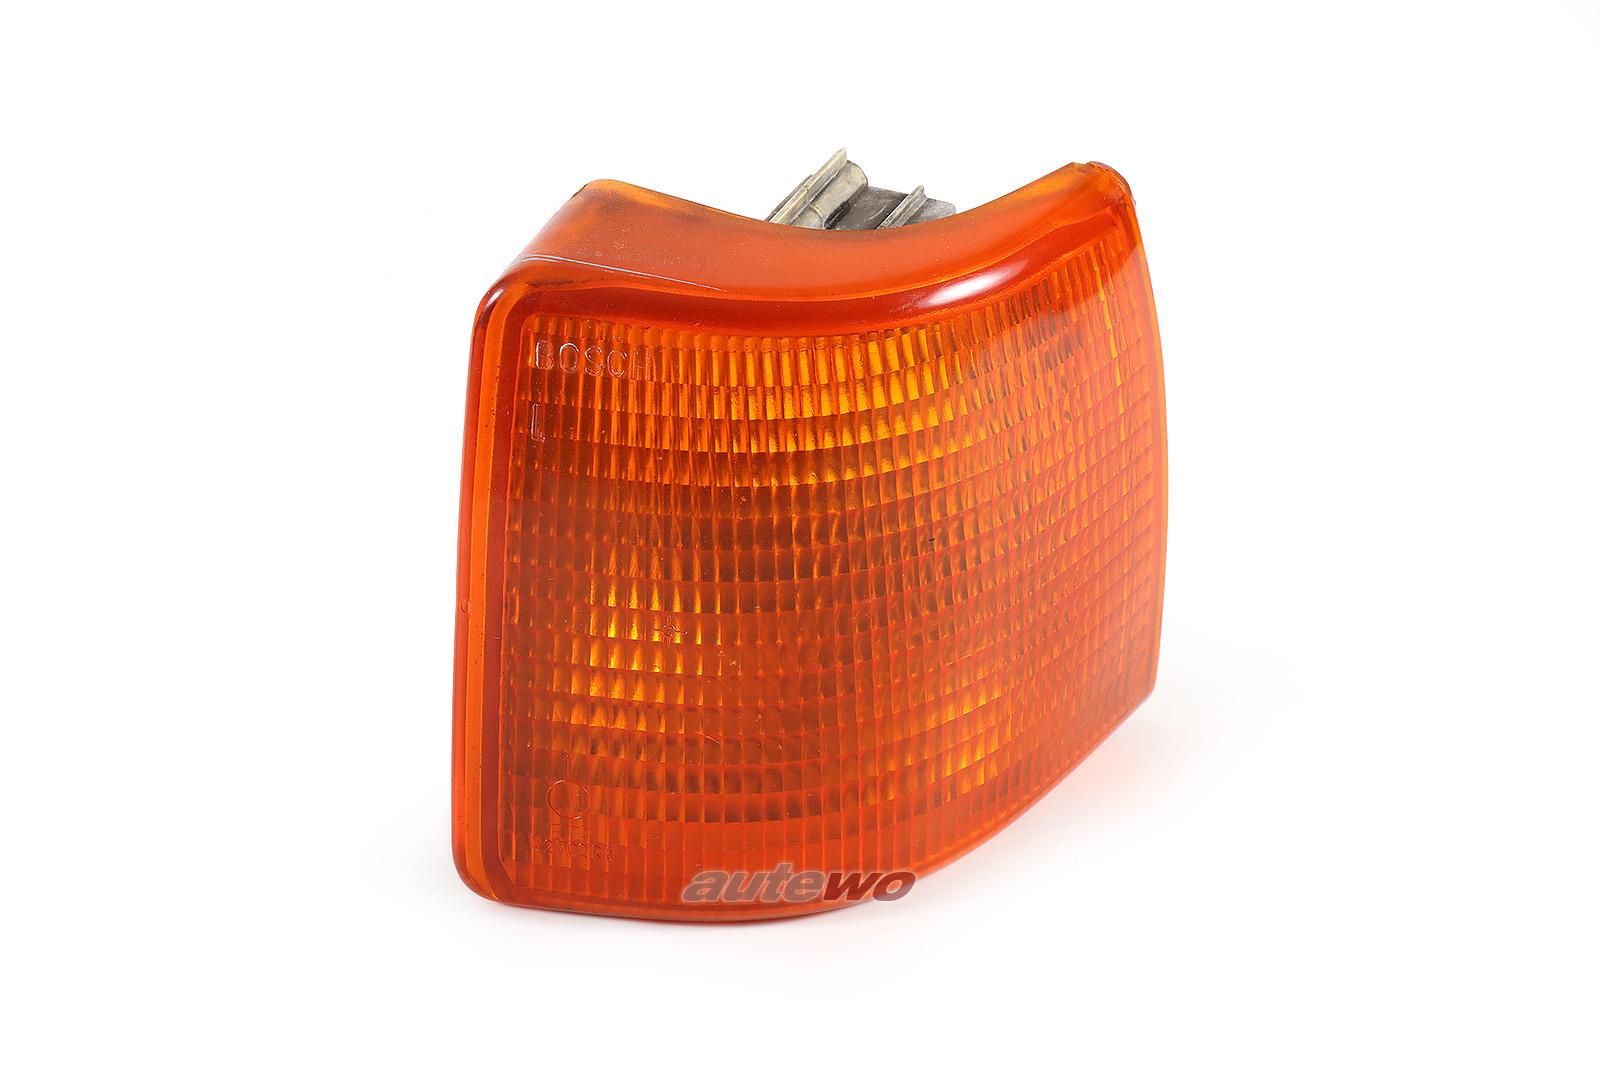 811953049F Audi 80 Typ 81/85 Blinker Bosch Vorne Links orange